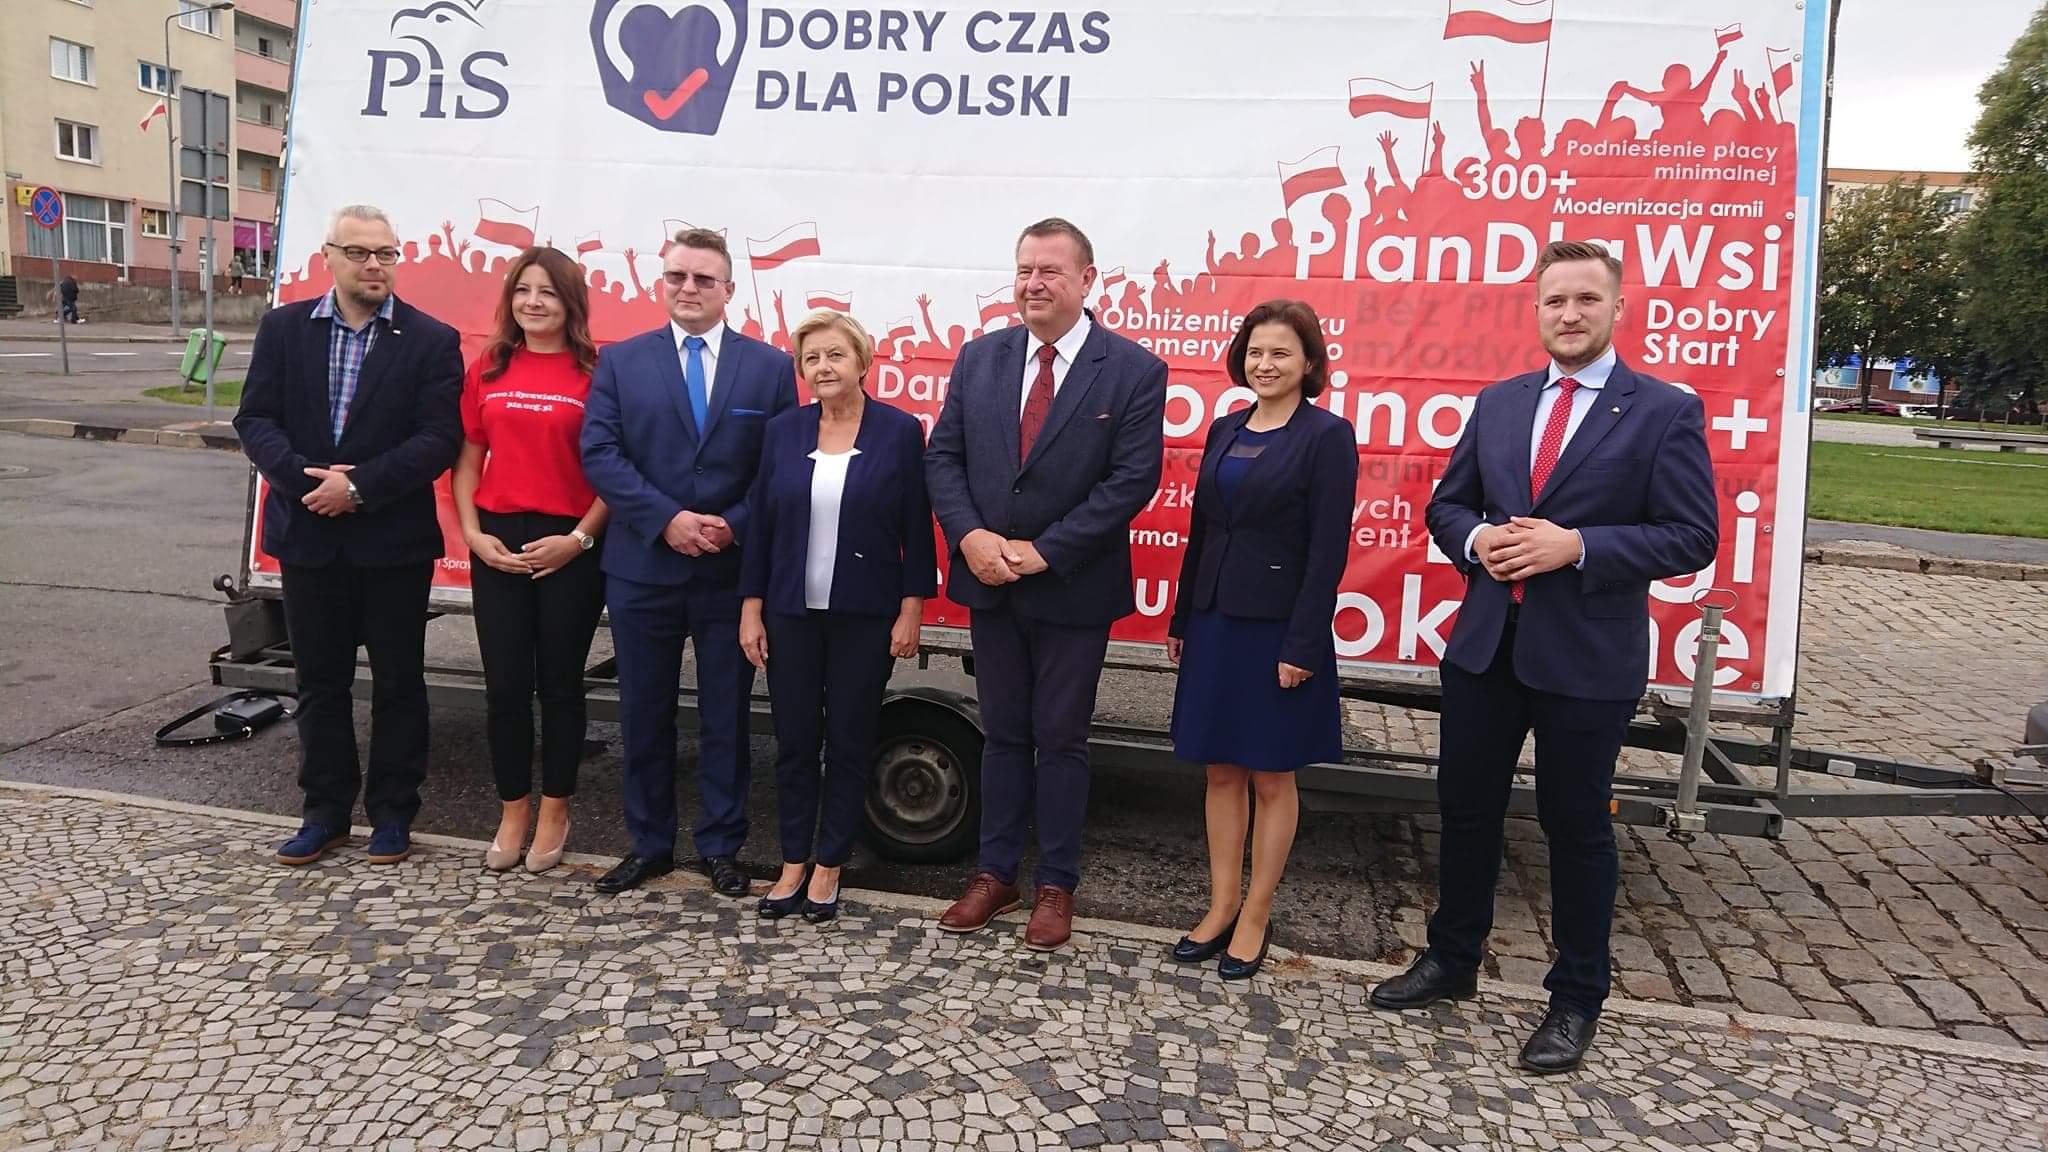 PiS kampania piła  - Przemysław Stochaj